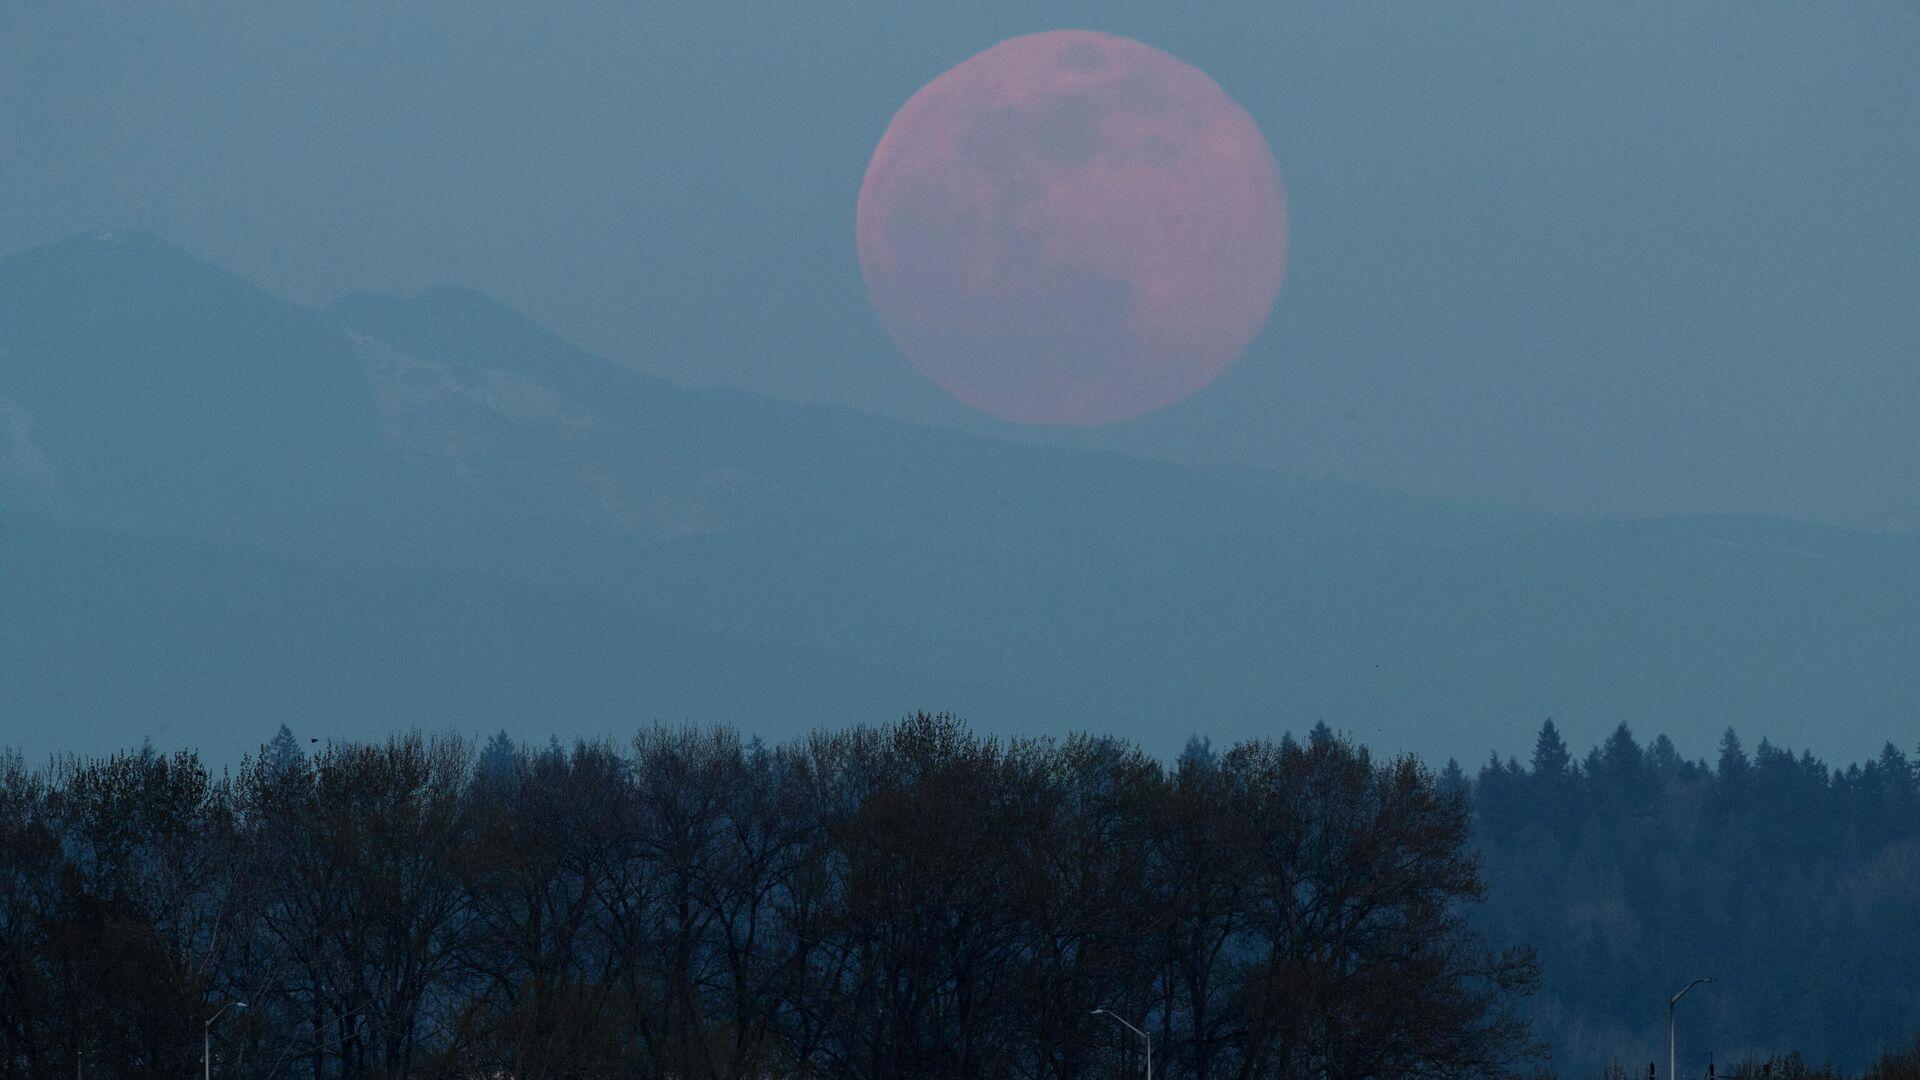 La superluna de abril 2020 en Tacoma (EEUU) - Sputnik Mundo, 1920, 25.04.2021